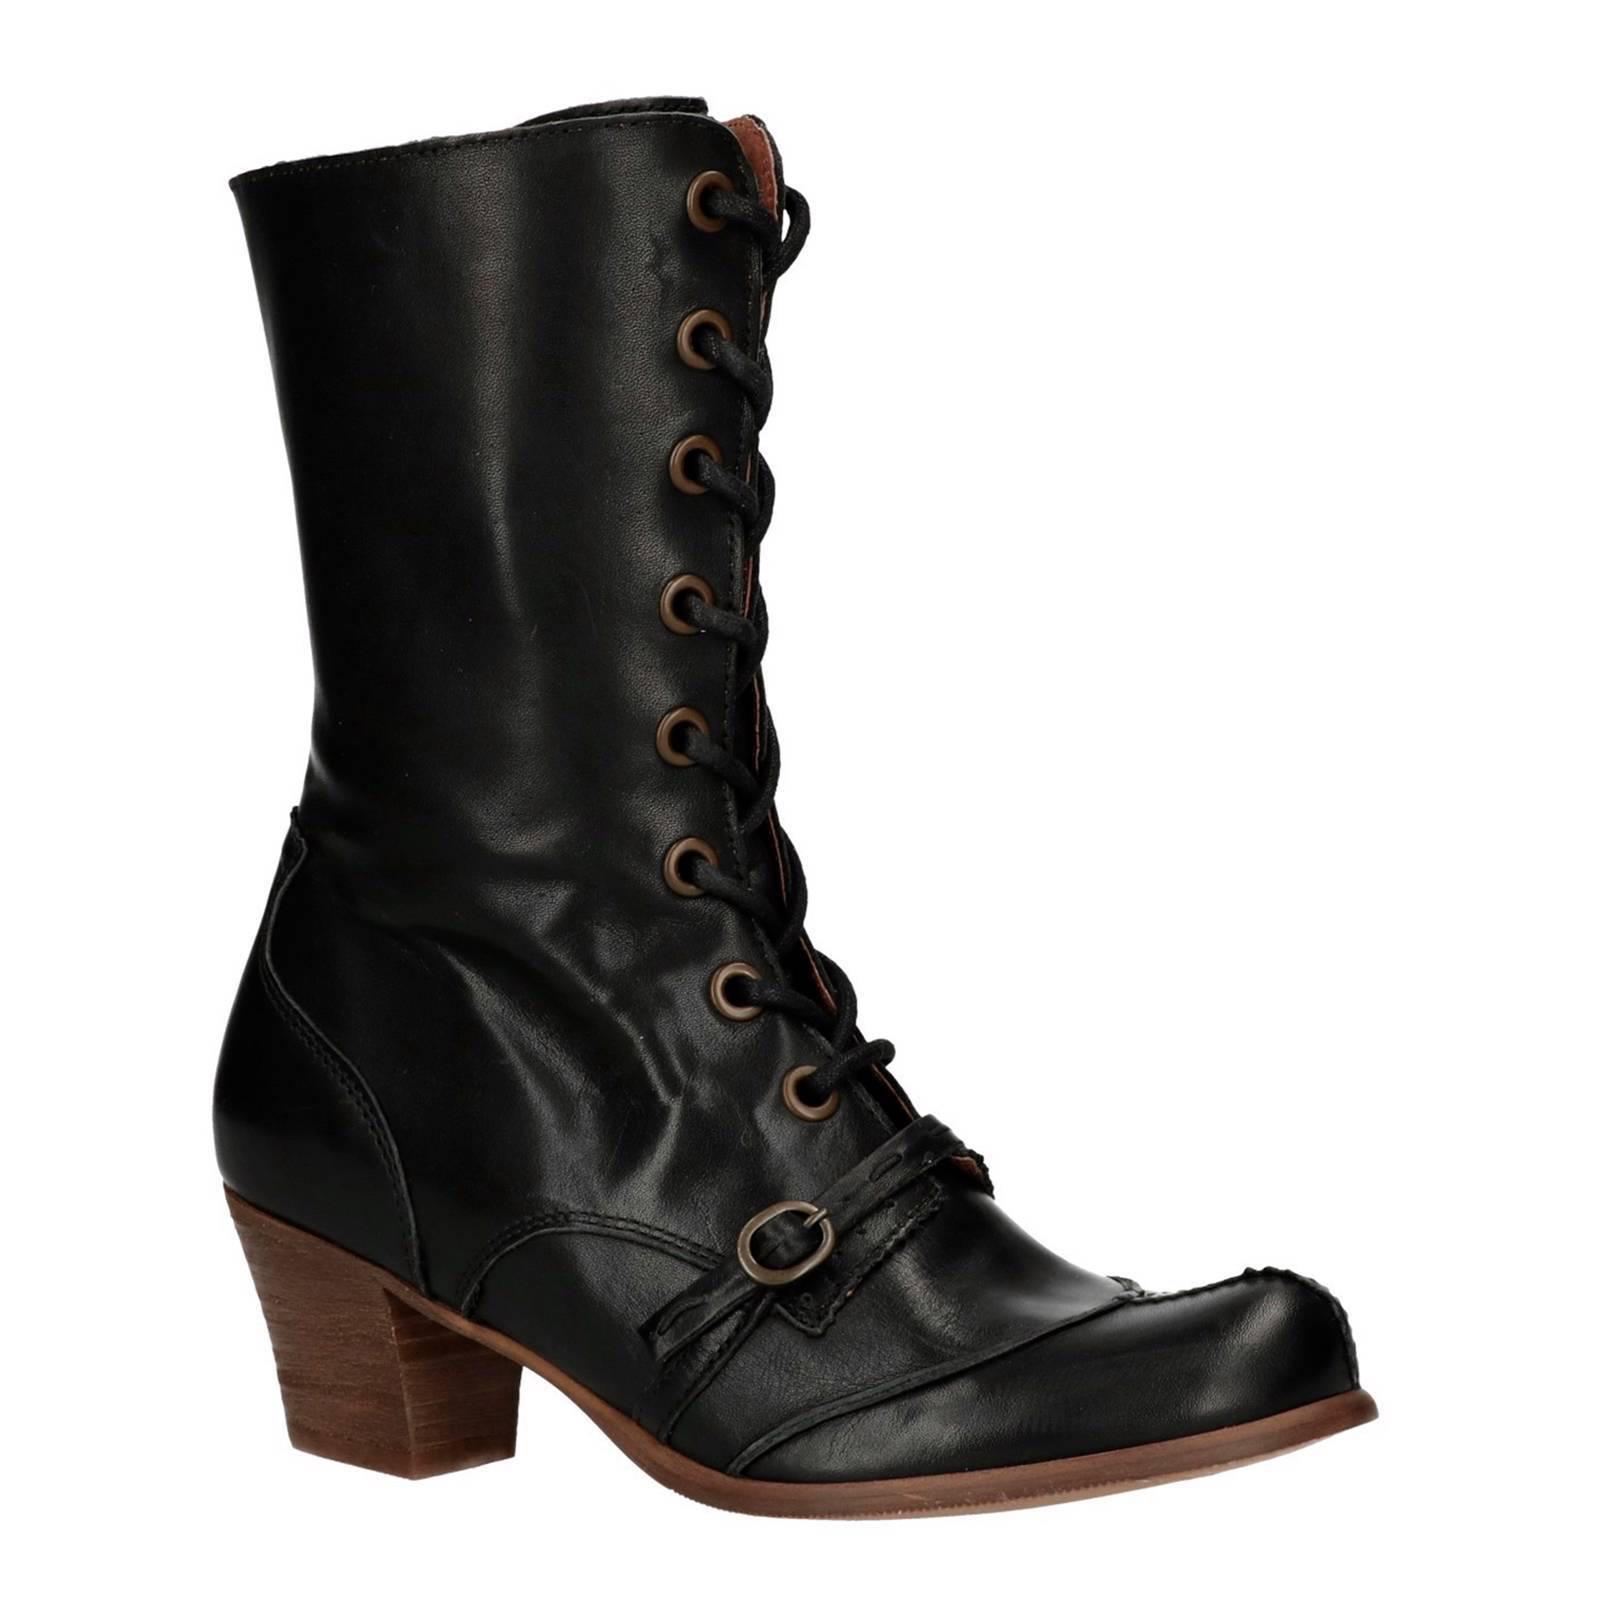 Sacha Dames (Half) hoge laarzen